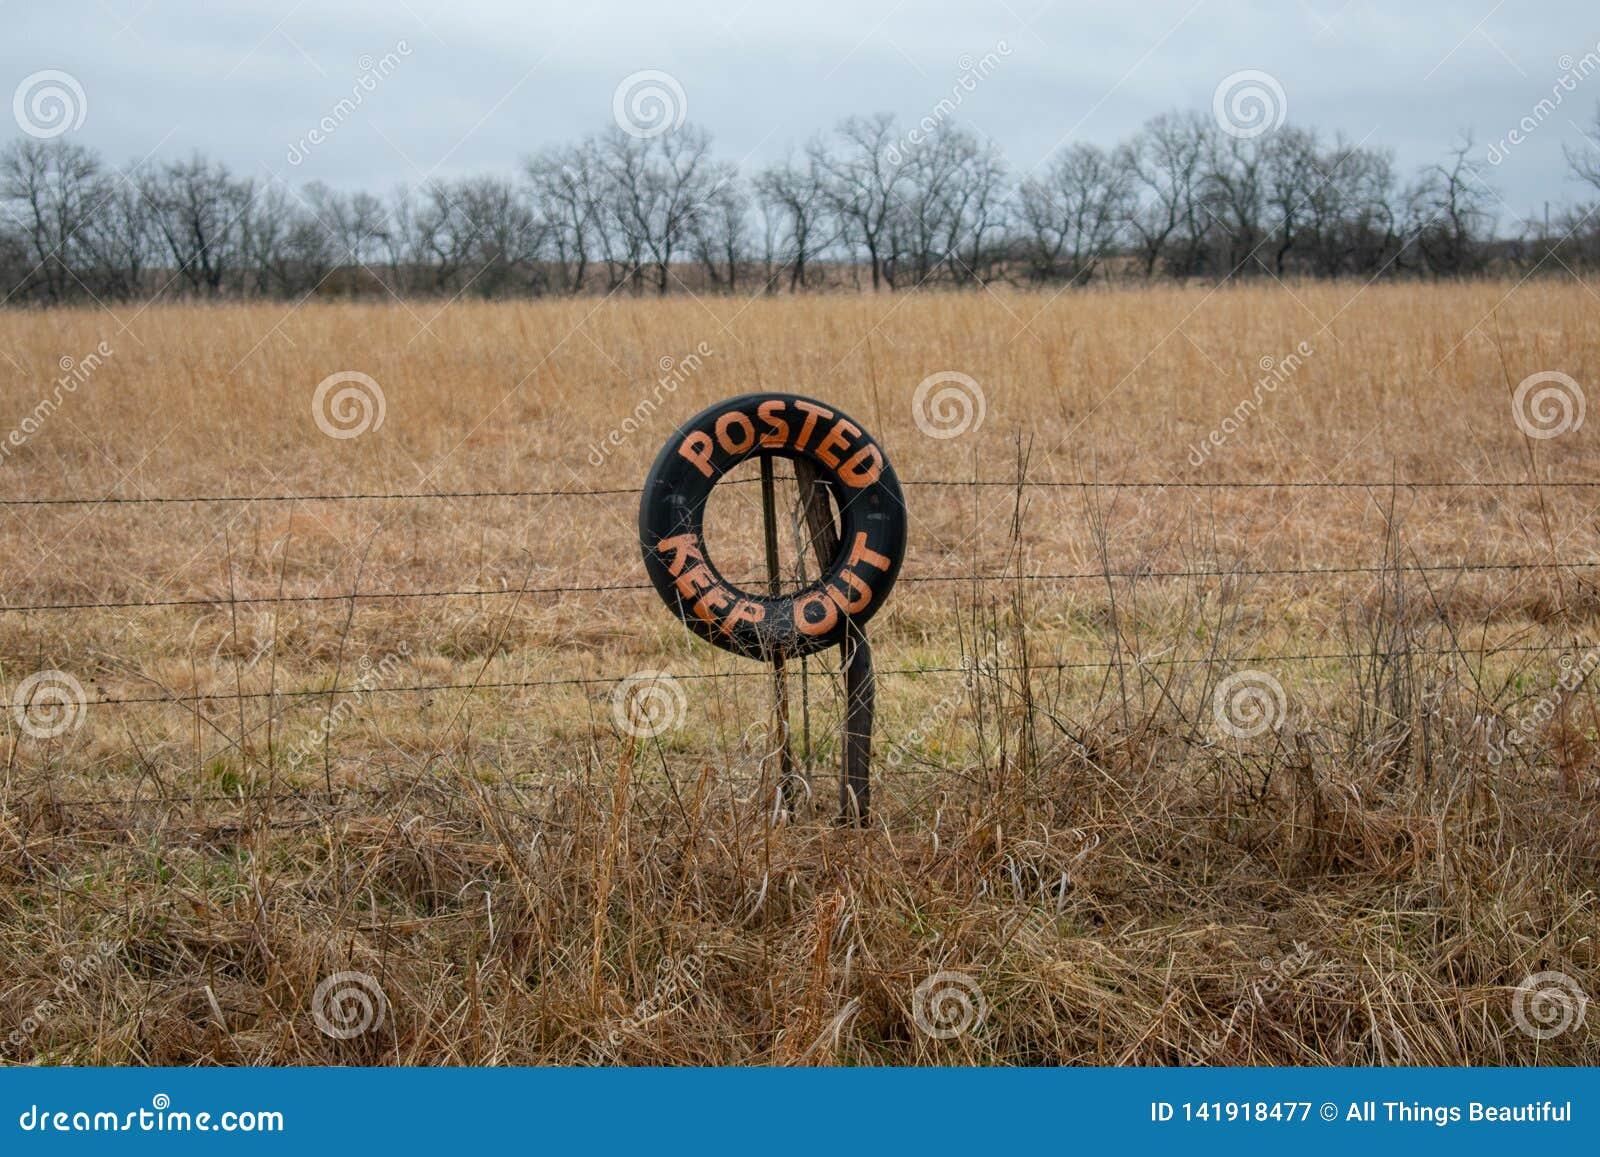 Posted impedire di entrare segno nell azienda agricola del campo